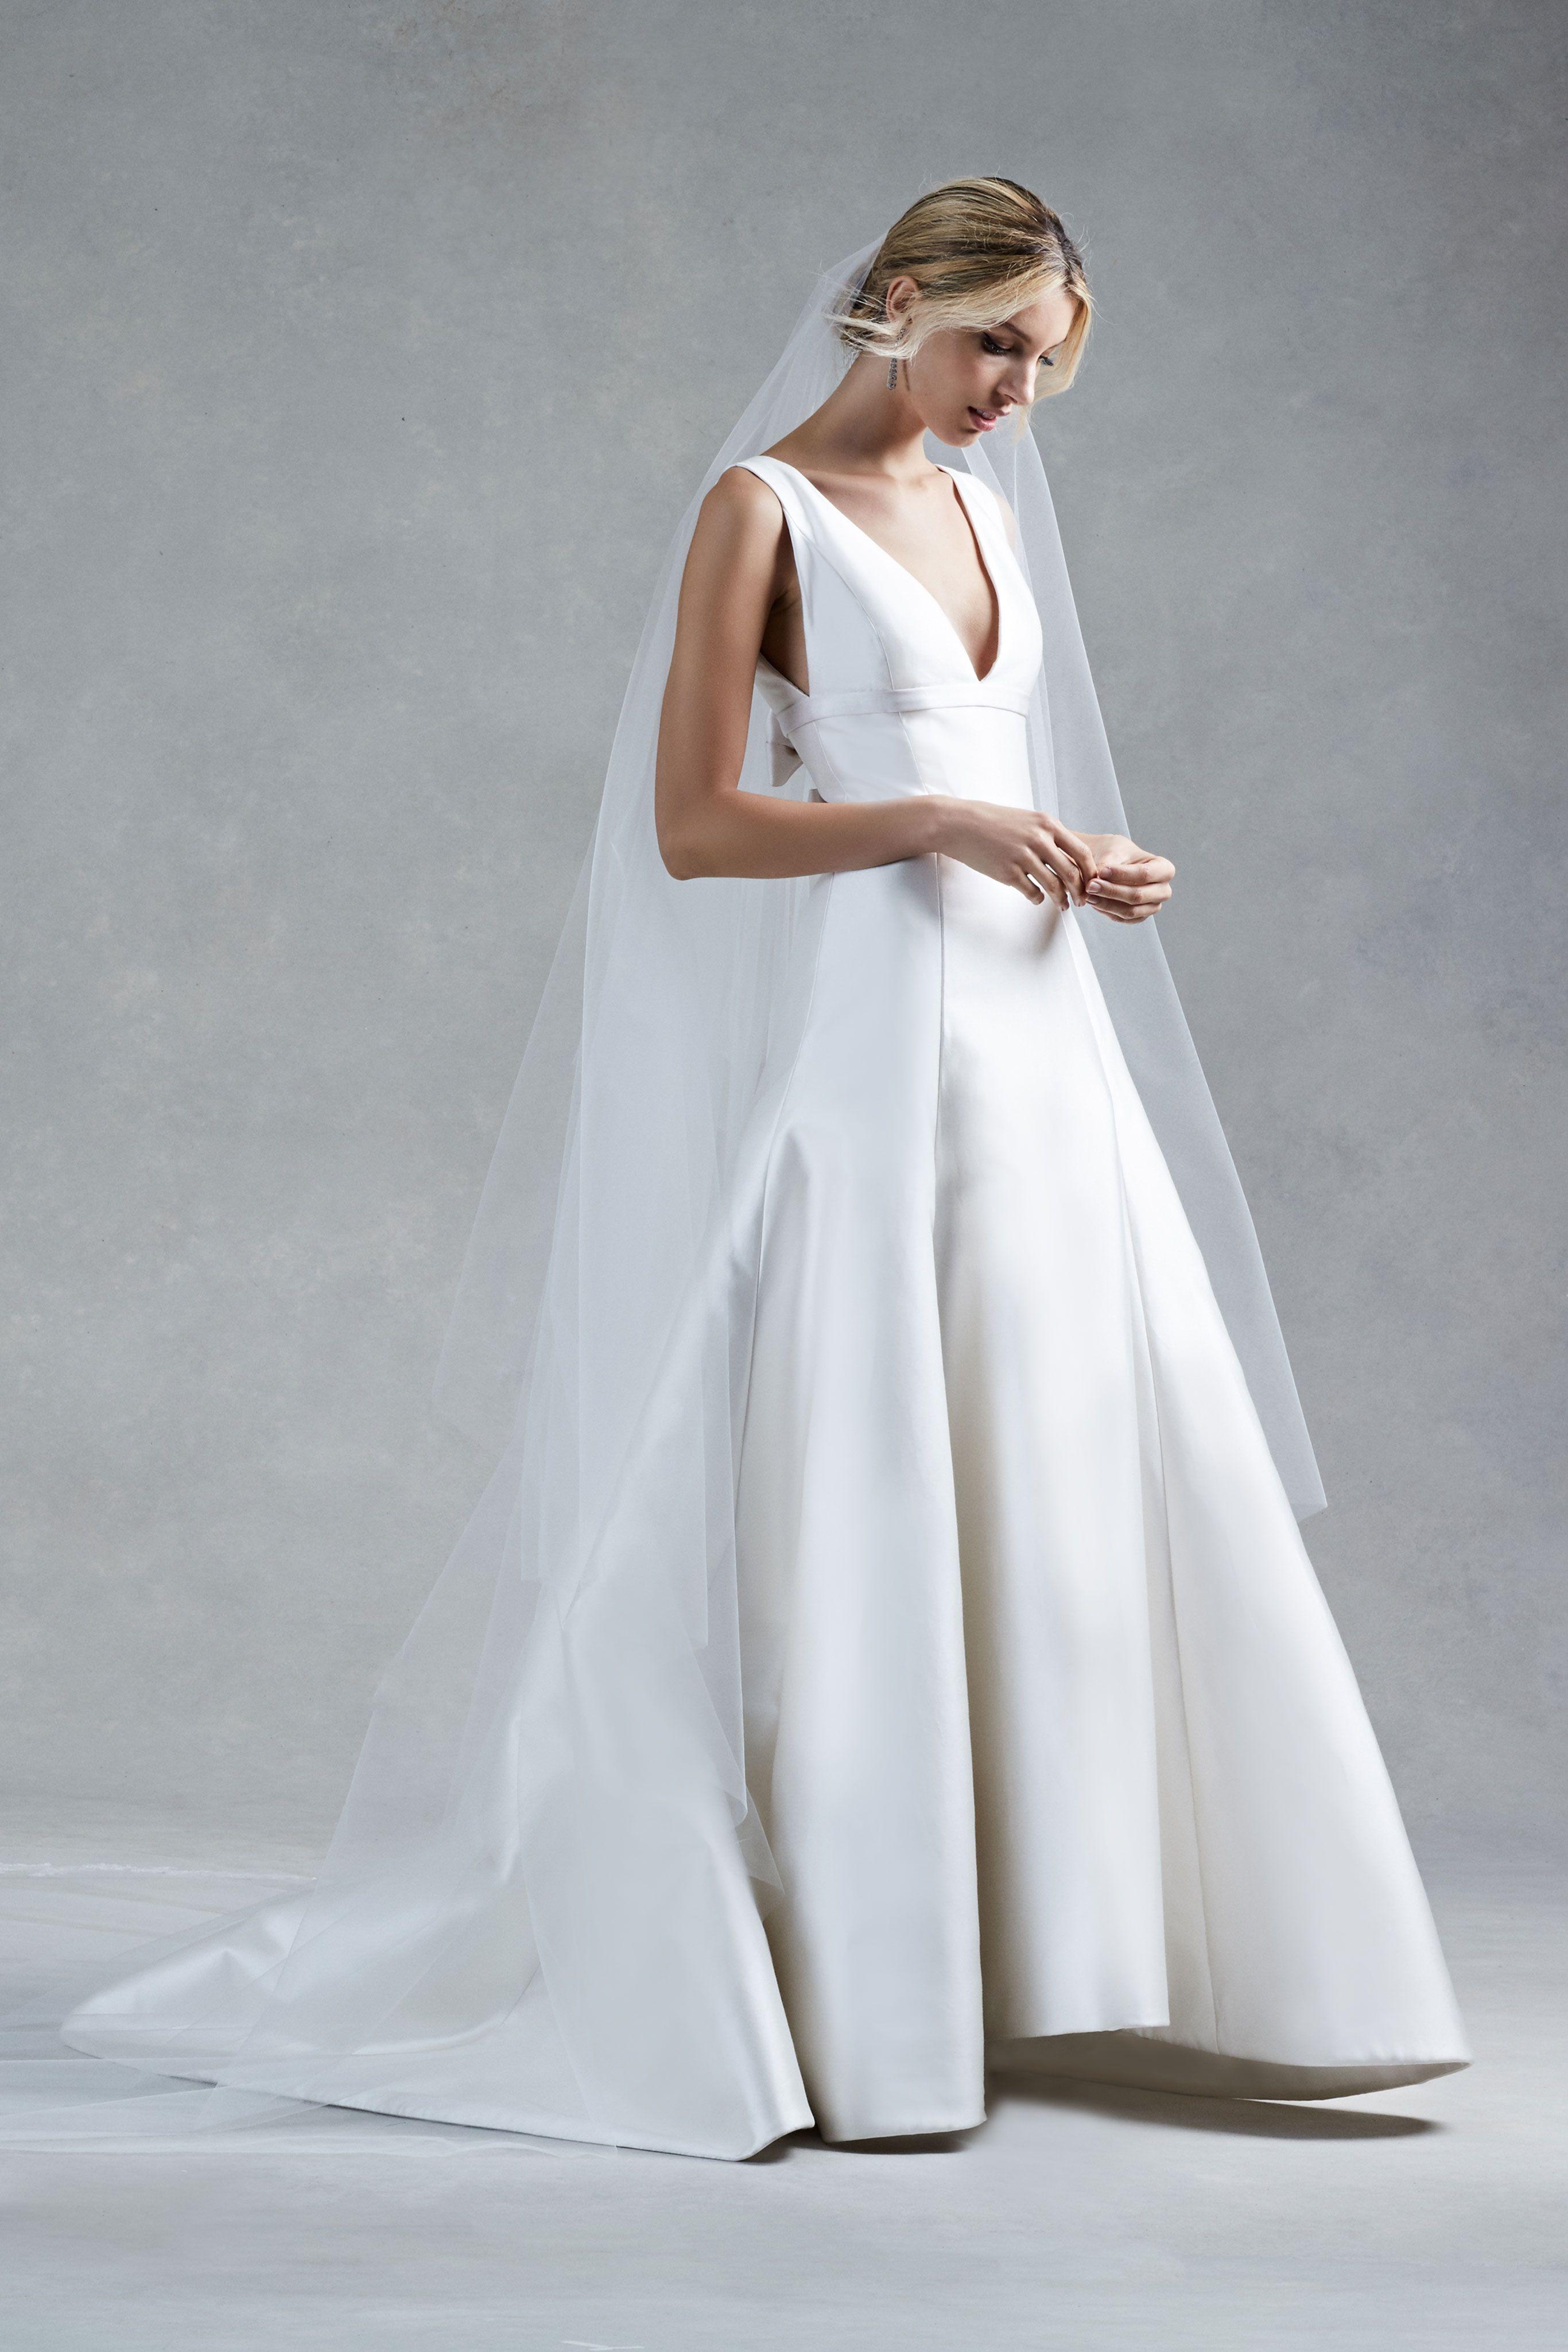 Oscar de la Renta Fall 2017 Bridal. | Fall 2017 Bridal | Pinterest ...